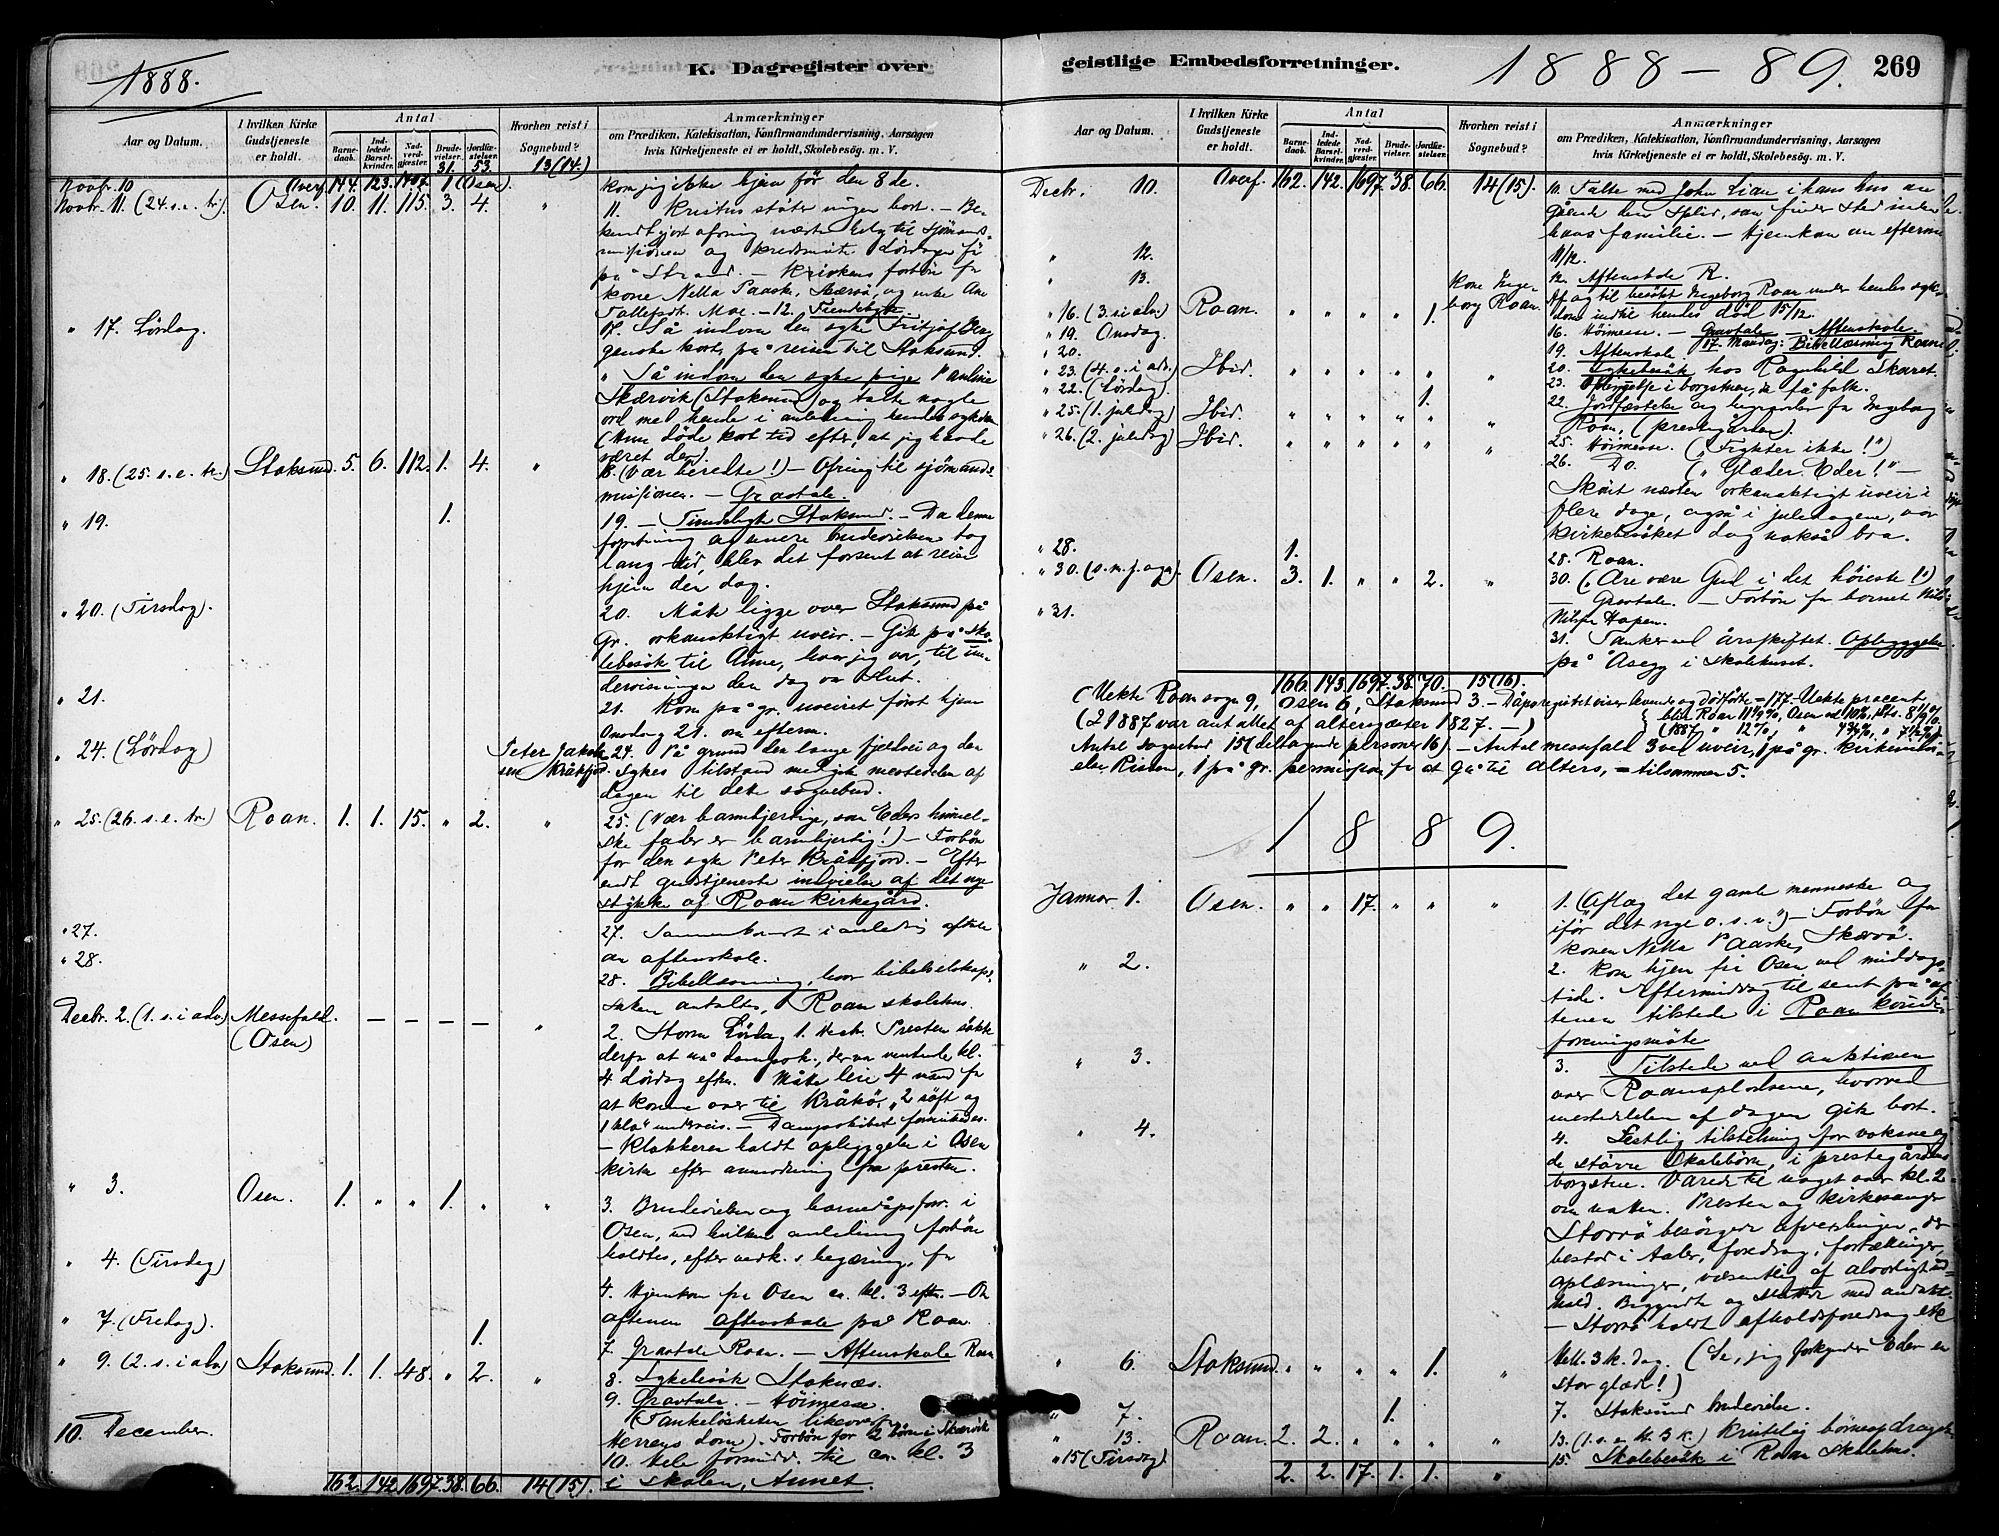 SAT, Ministerialprotokoller, klokkerbøker og fødselsregistre - Sør-Trøndelag, 657/L0707: Ministerialbok nr. 657A08, 1879-1893, s. 269